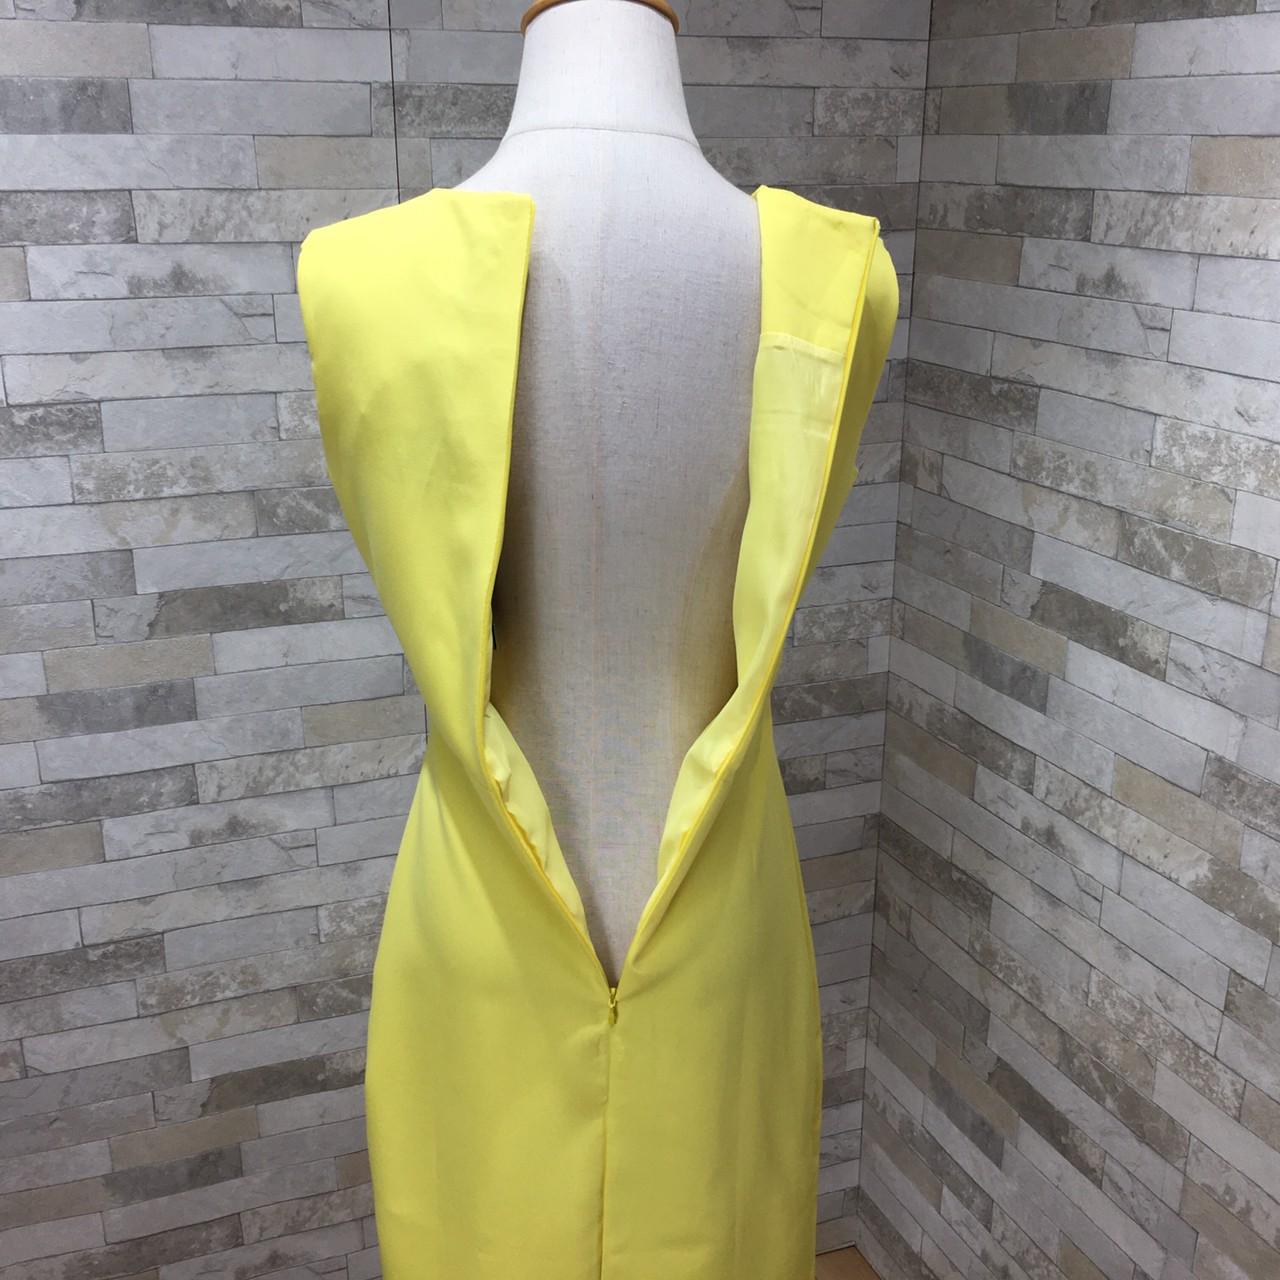 韓国 ファッション ワンピース パーティードレス ショート ミニ丈 夏 春 パーティー ブライダル PTXH937 結婚式 お呼ばれ キレイ色 ベーシックデザイン 着回し シ 二次会 セレブ きれいめの写真14枚目